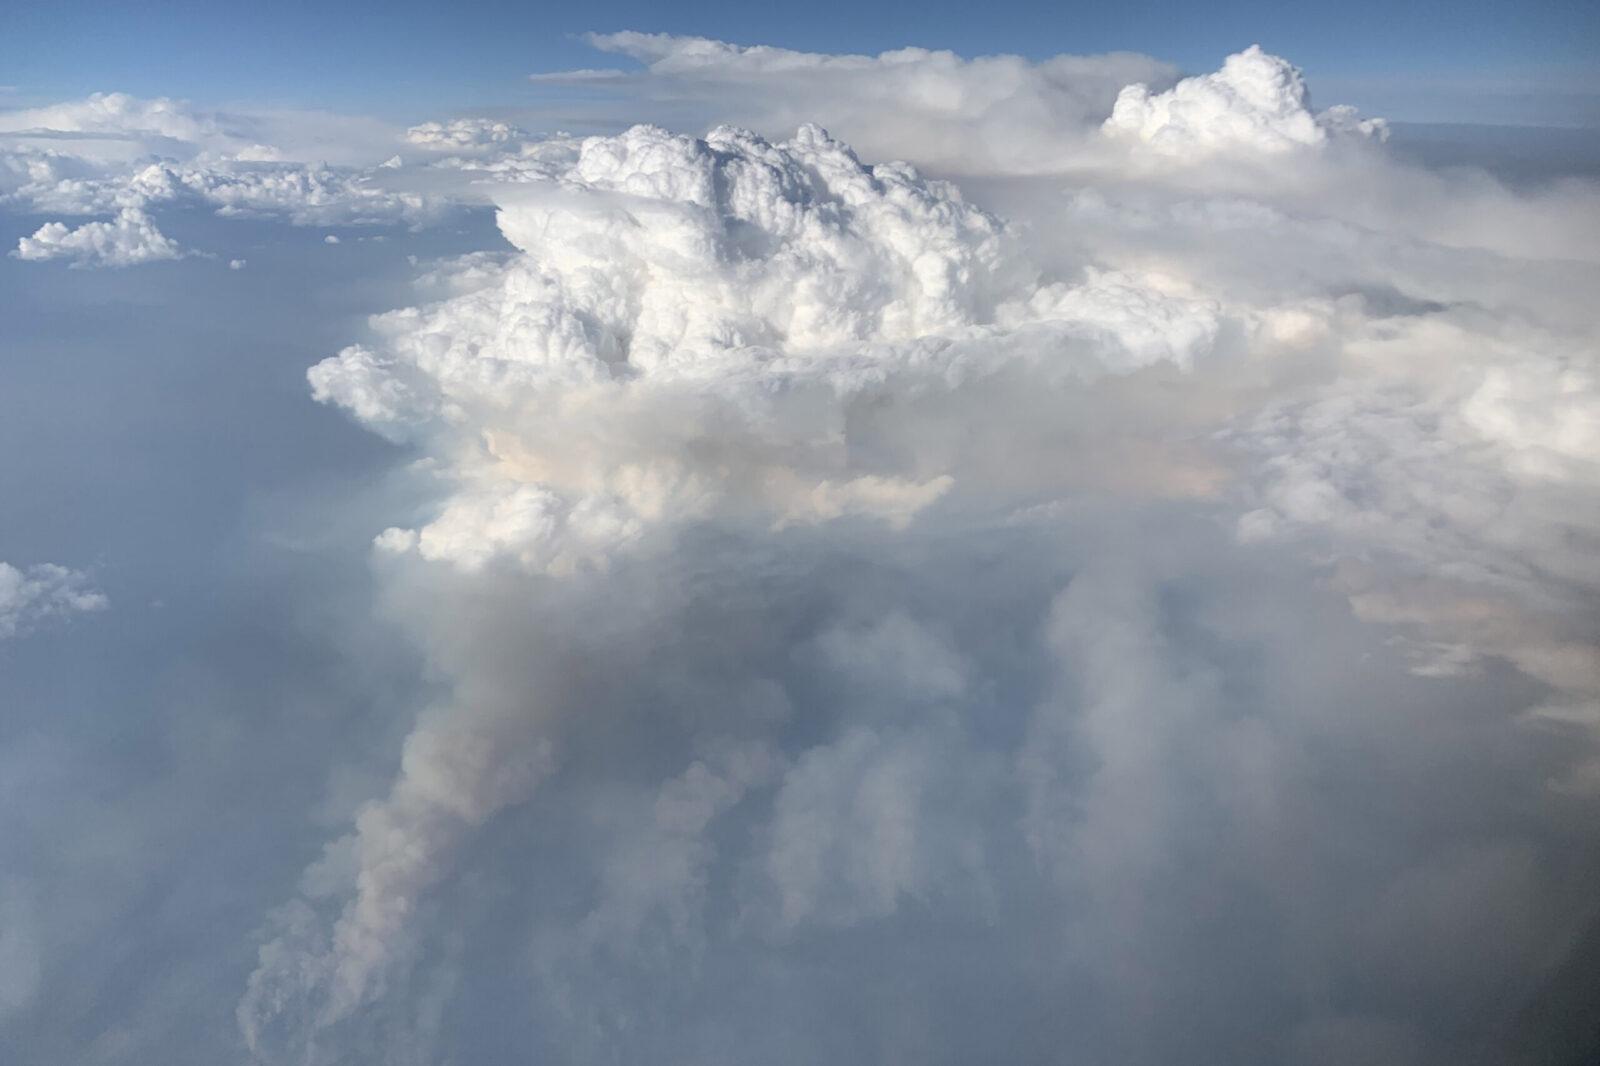 什麼是「火焰狀積雨雲」